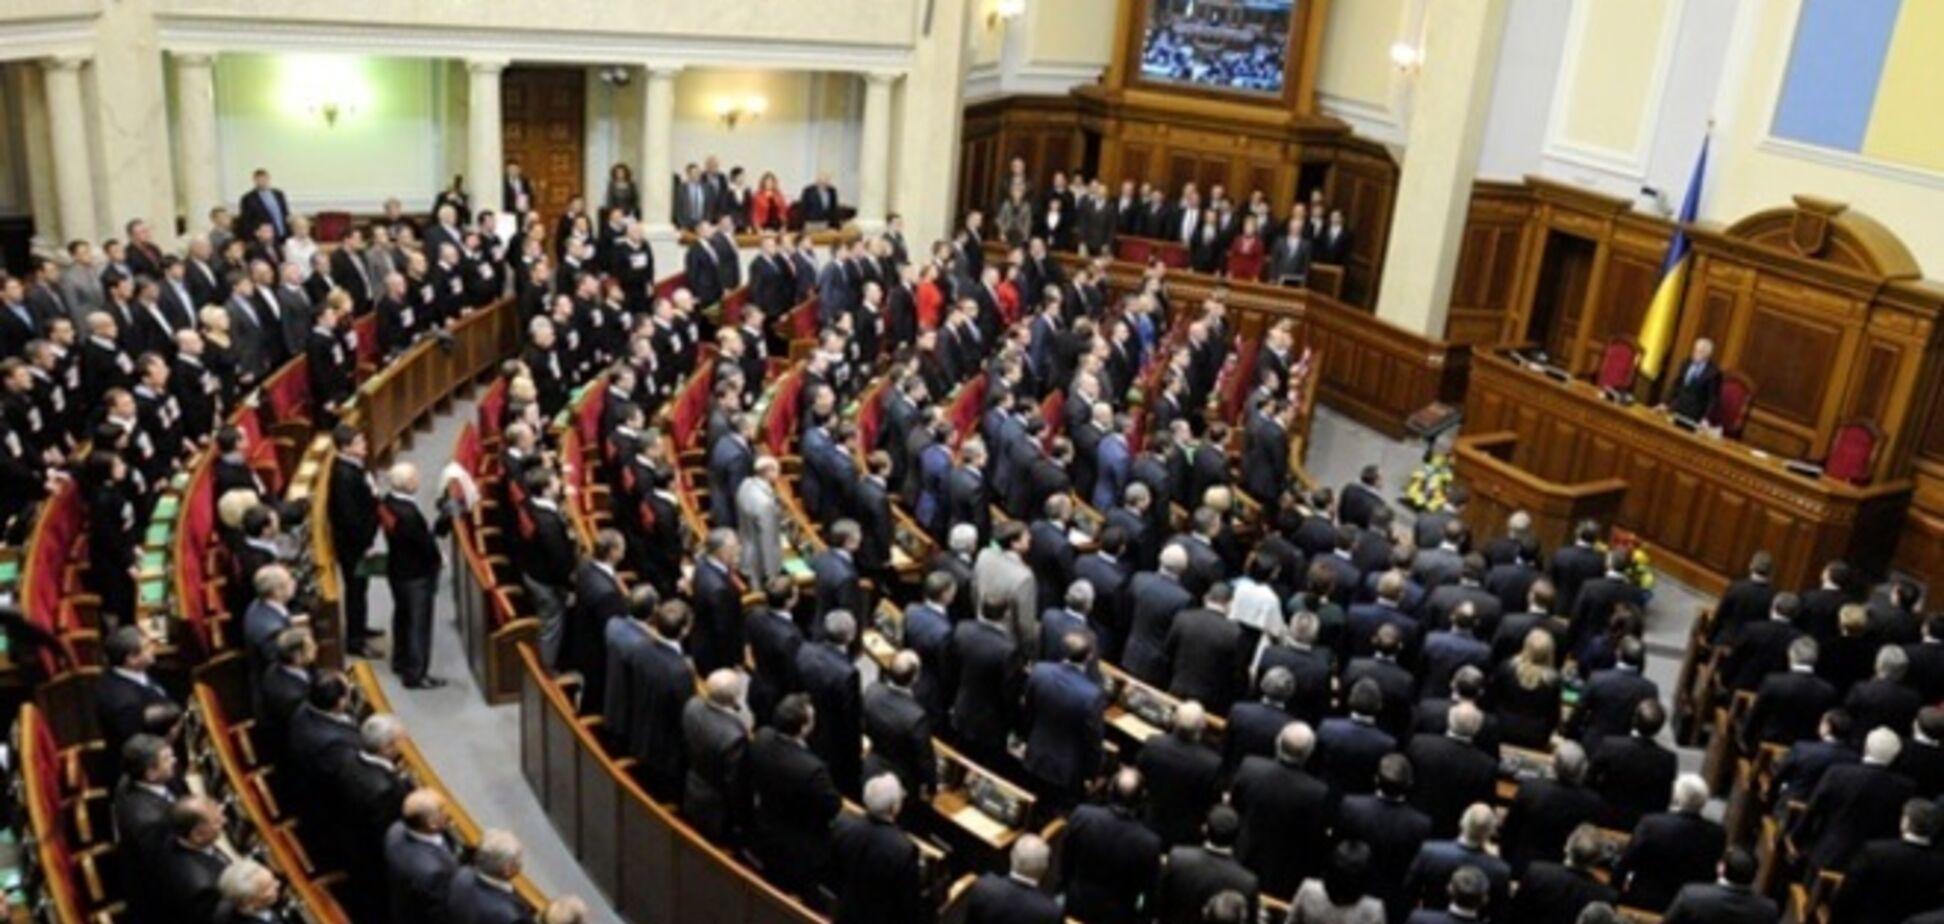 Яценюк забыл пригласить на внеочередное заседание ВР депутатов из трех фракций